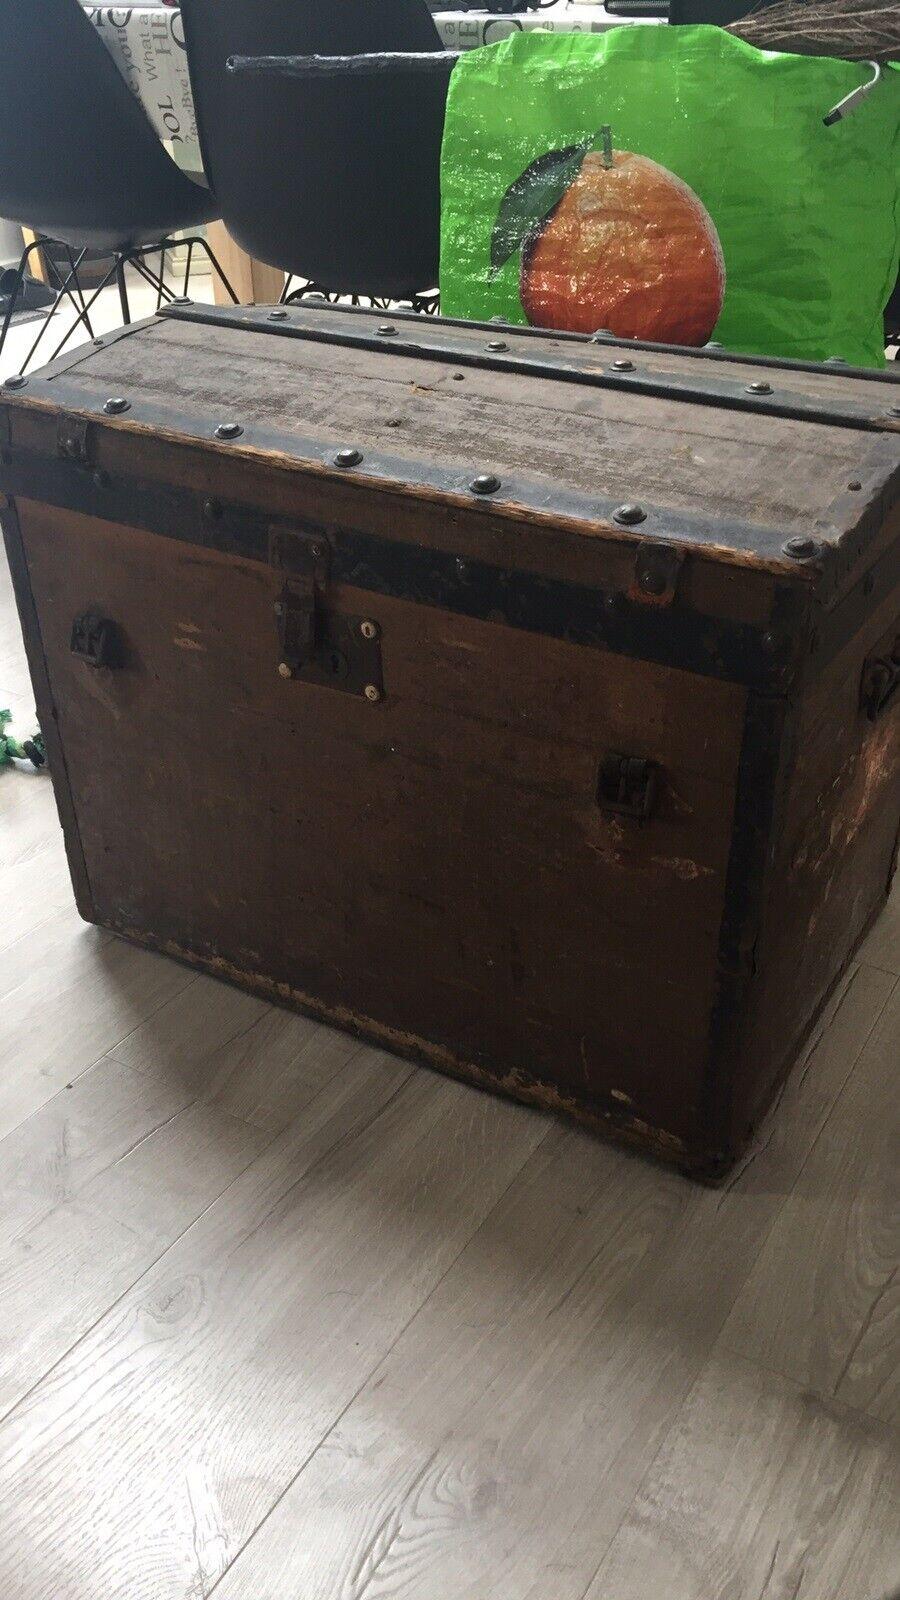 Gammel Kuffert Kiste Dba Dk Kob Og Salg Af Nyt Og Brugt